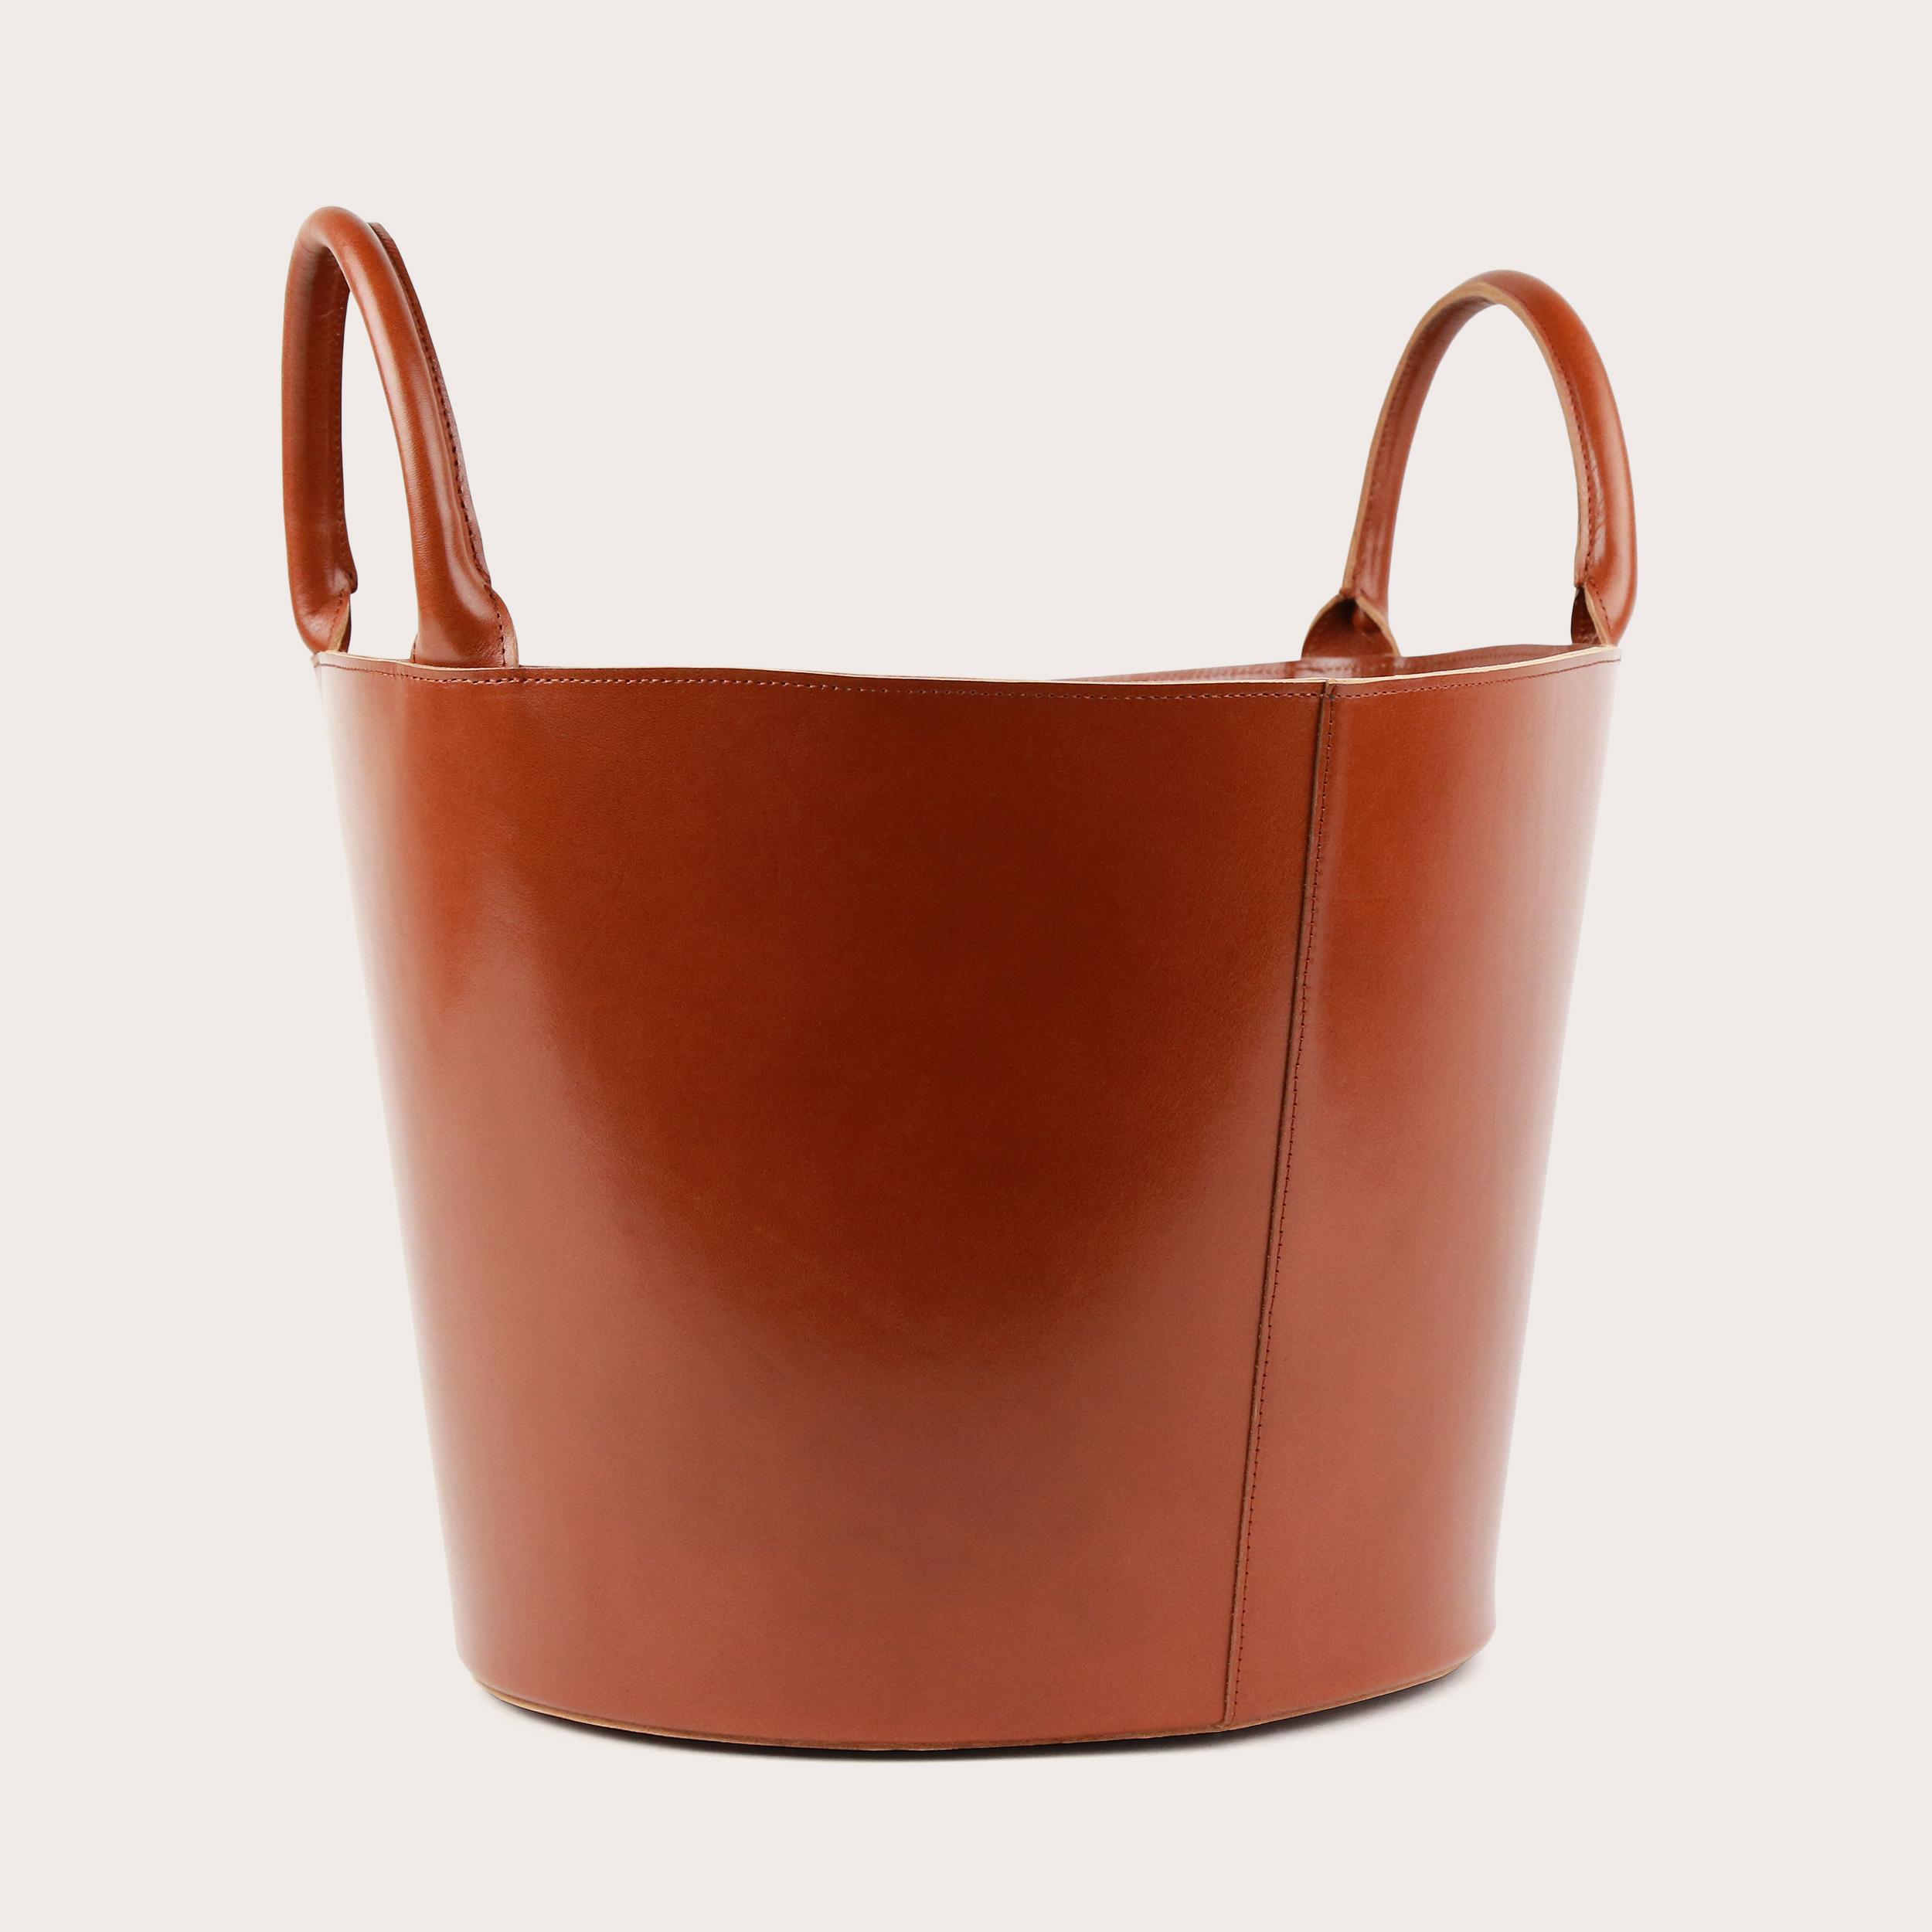 Laundry Basket Skórzany Koszt Molehill-1